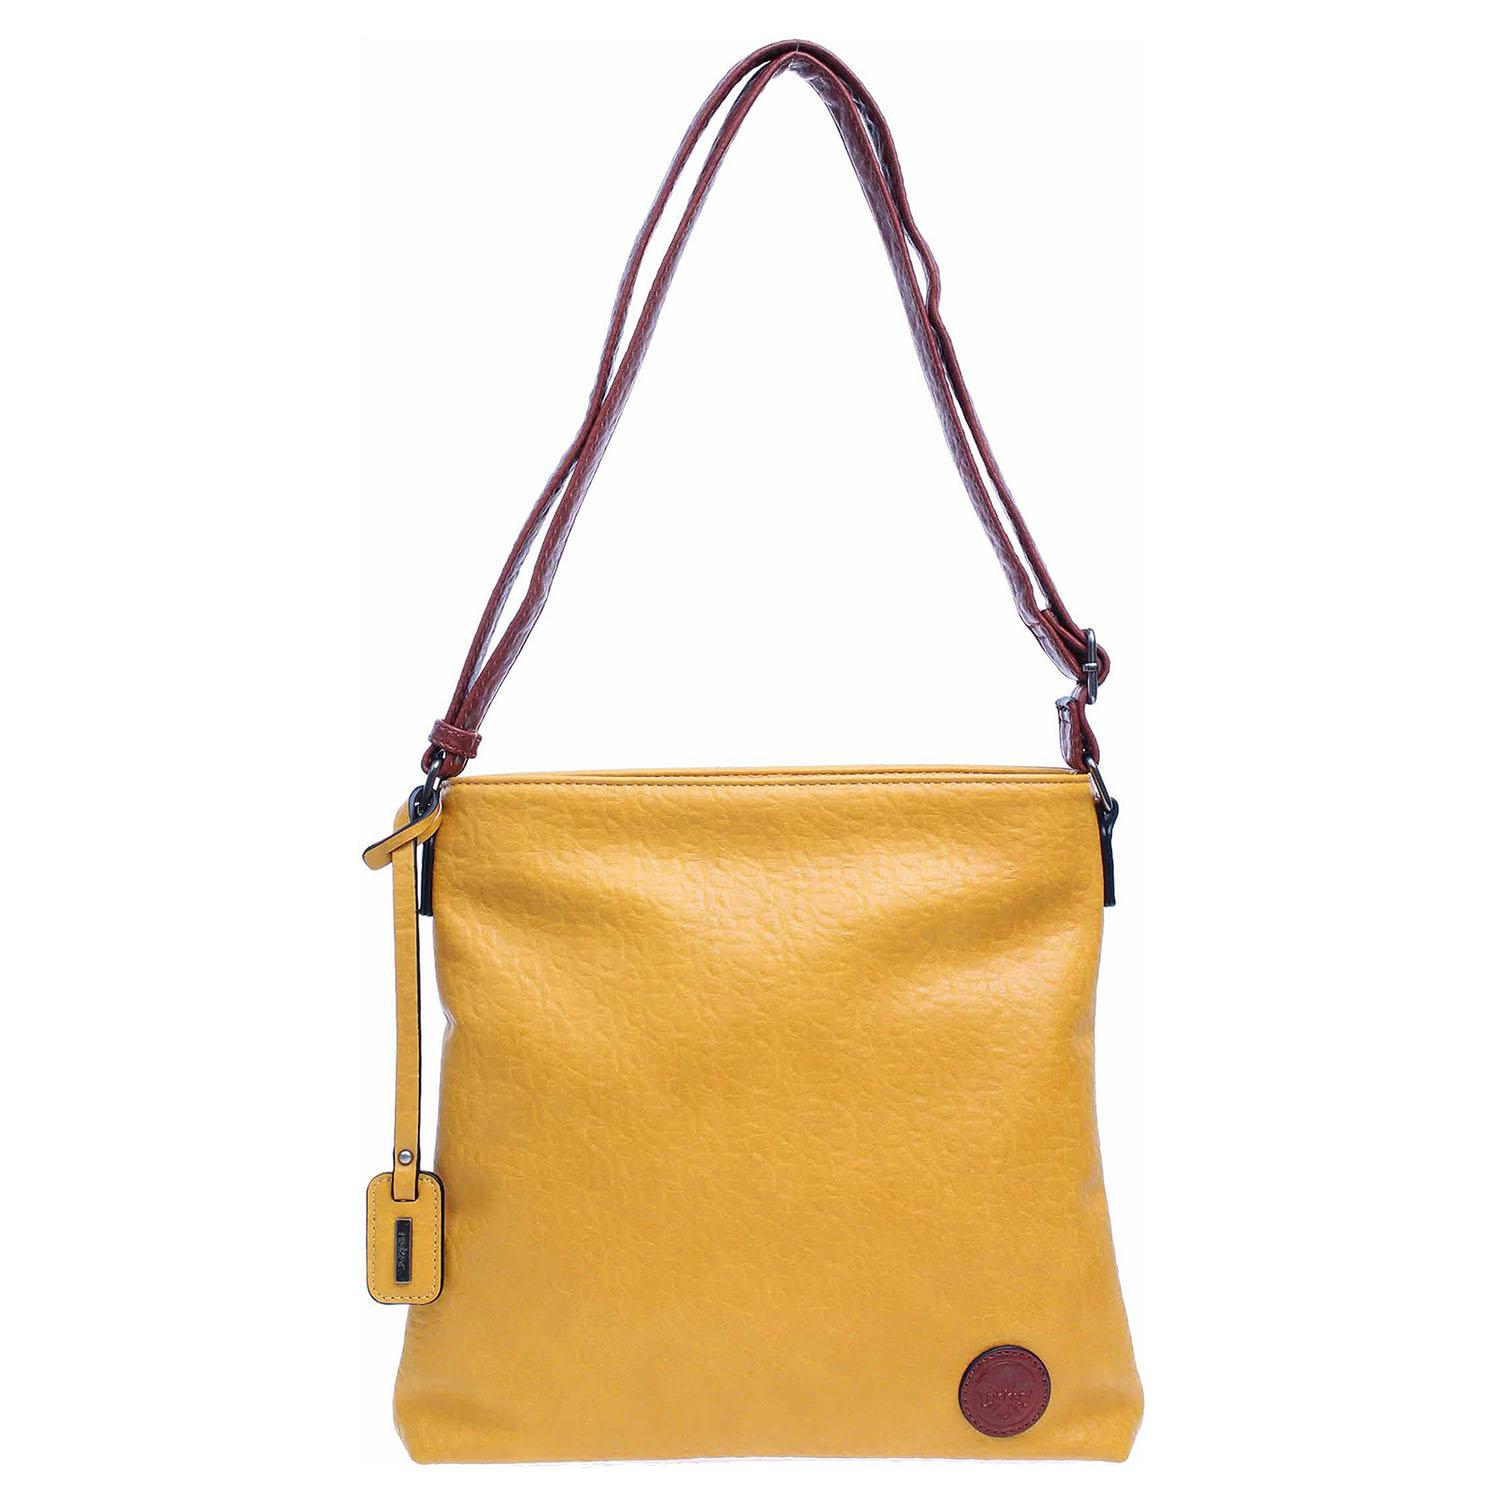 Ecco Rieker dámská kabelka H1033-68 gelb 11891699